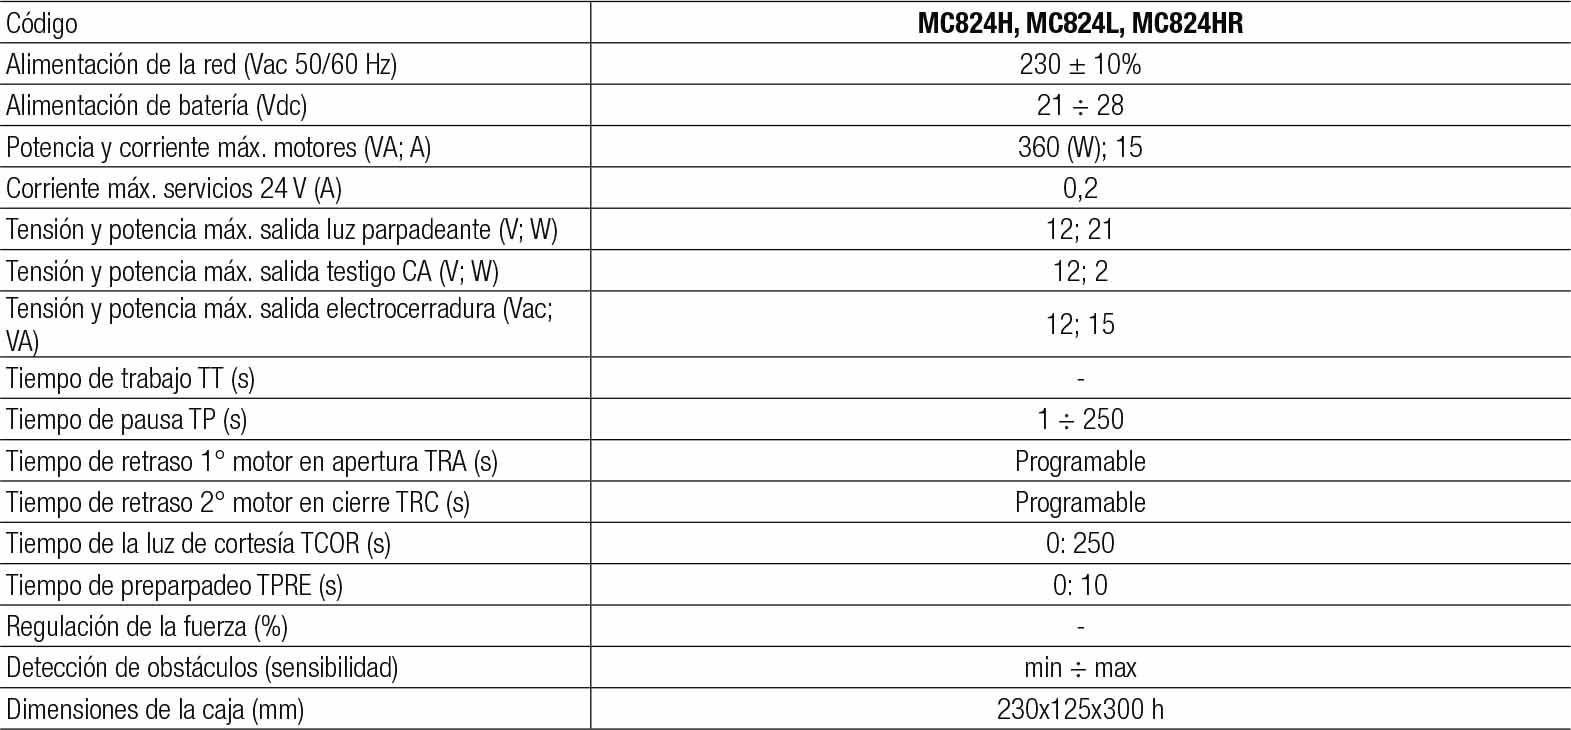 caracteristicas-mc824h-mc824hr-mc824l